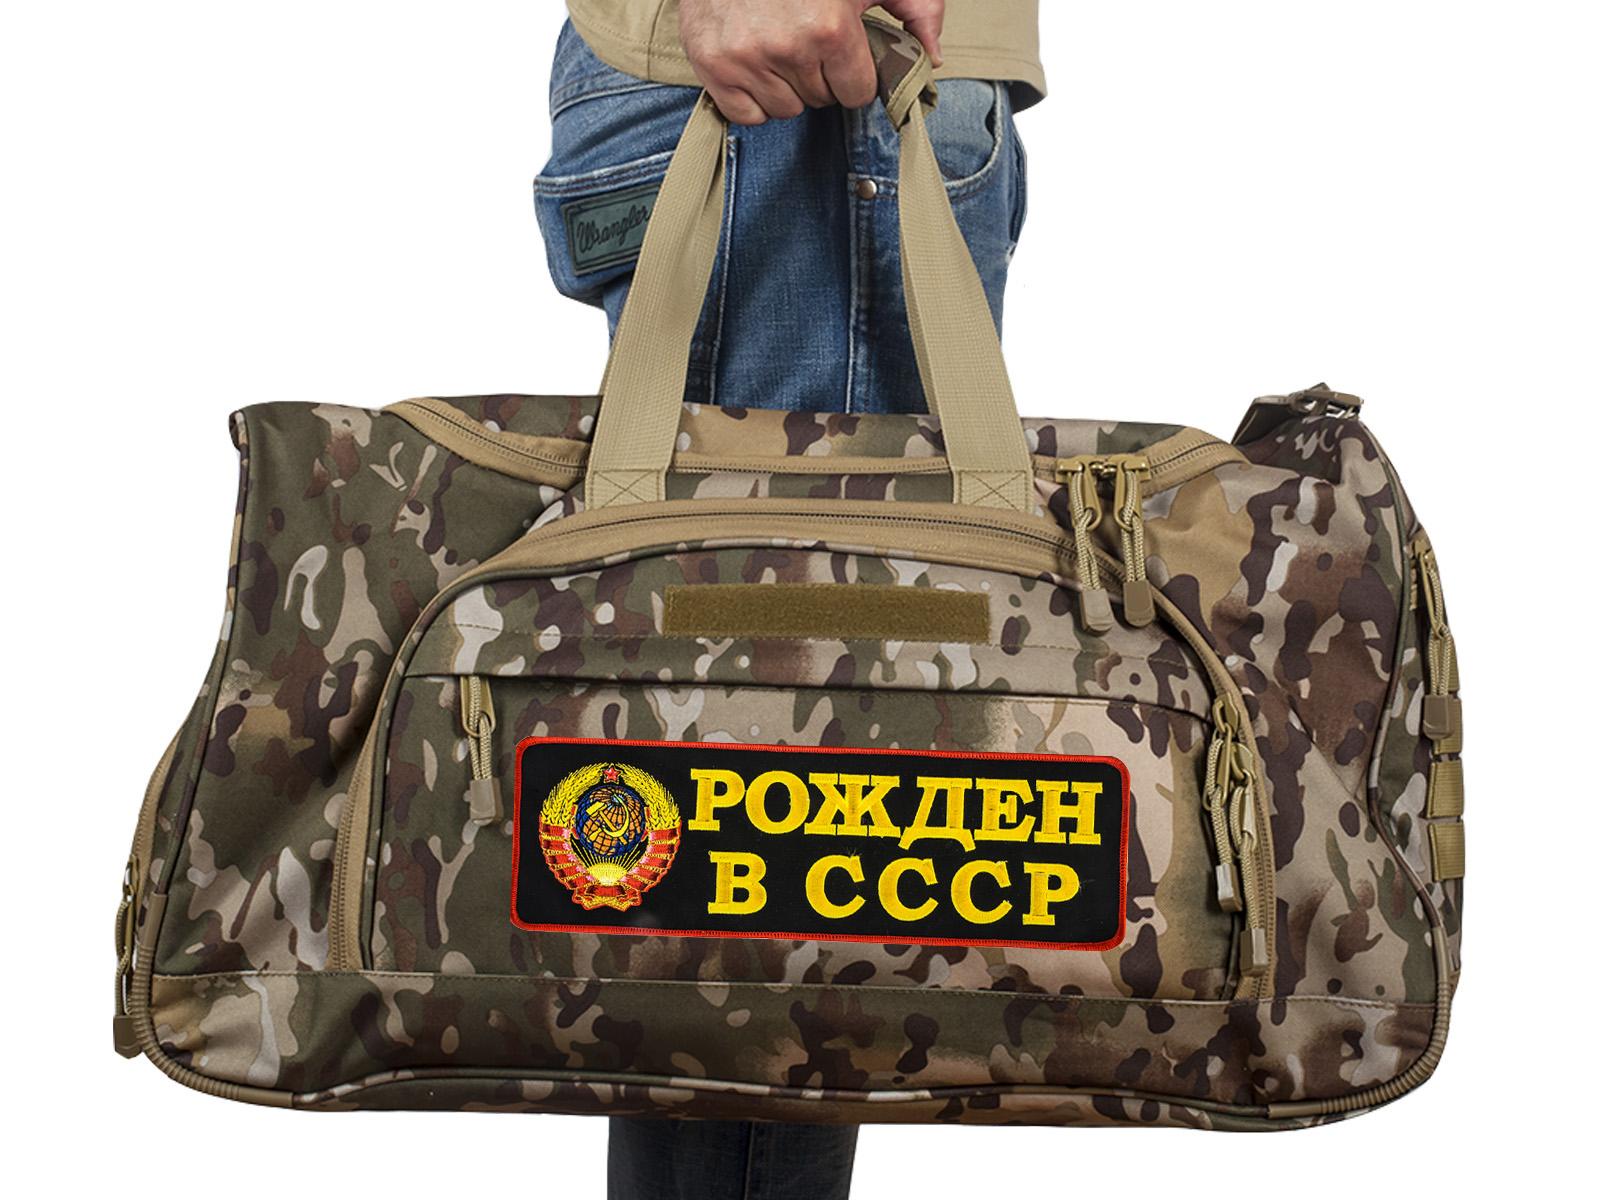 Купить армейскую тревожную сумку 08032B Рожден в СССР  по выгодной цене